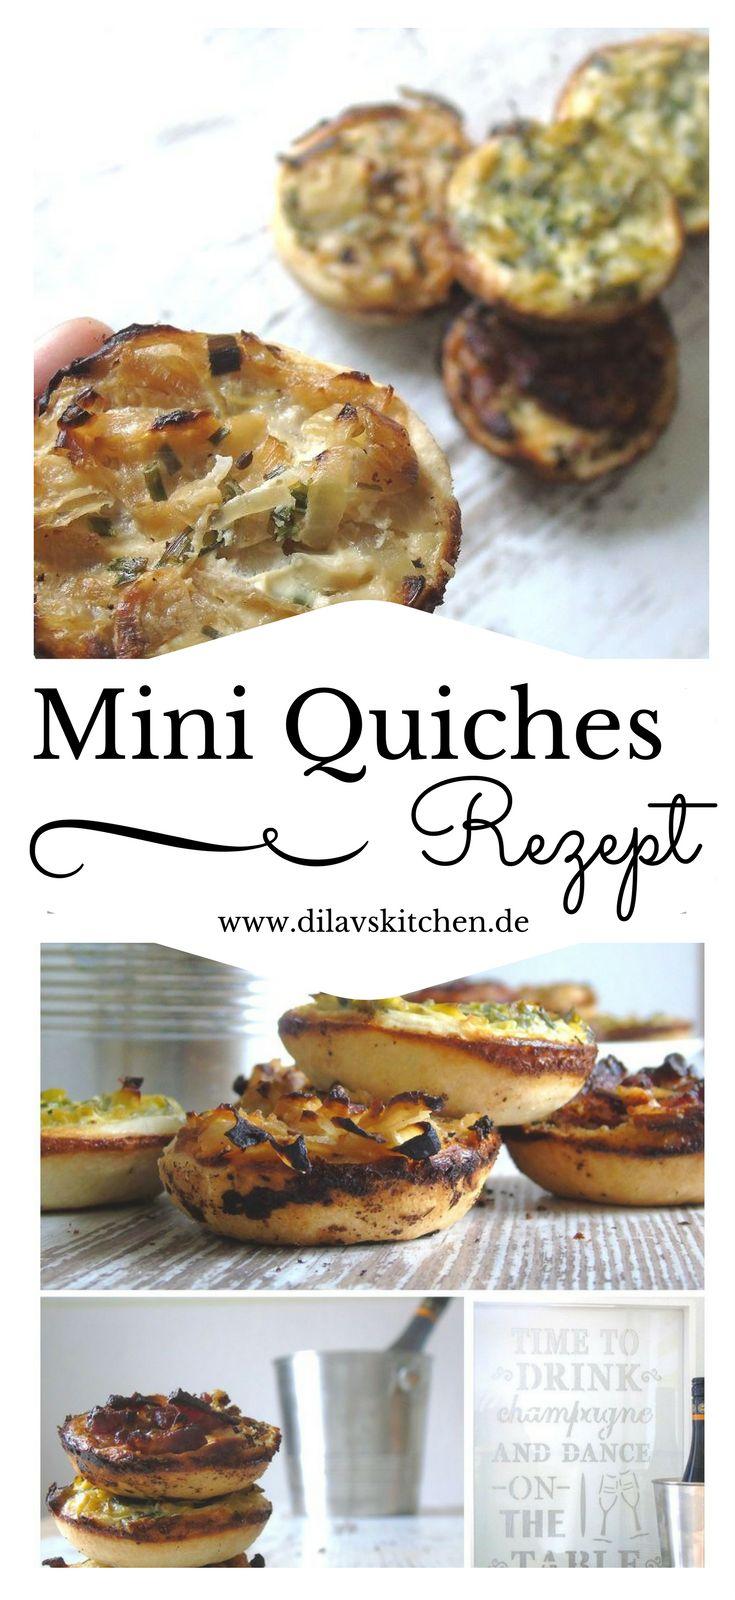 Diese Mini Quiches sind so klein und süß, dass garantiert niemand widerstehen kann. Ob auf dem Buffet, beim Brunch, als Mitbringsel zum Picknick oder einfach als kleiner gesunder Snack, die kleinen Leckerbissen gehen einfach immer. Hol dir das Rezept für die Mini Quiches jetzt auf www.dilavskitchen.de